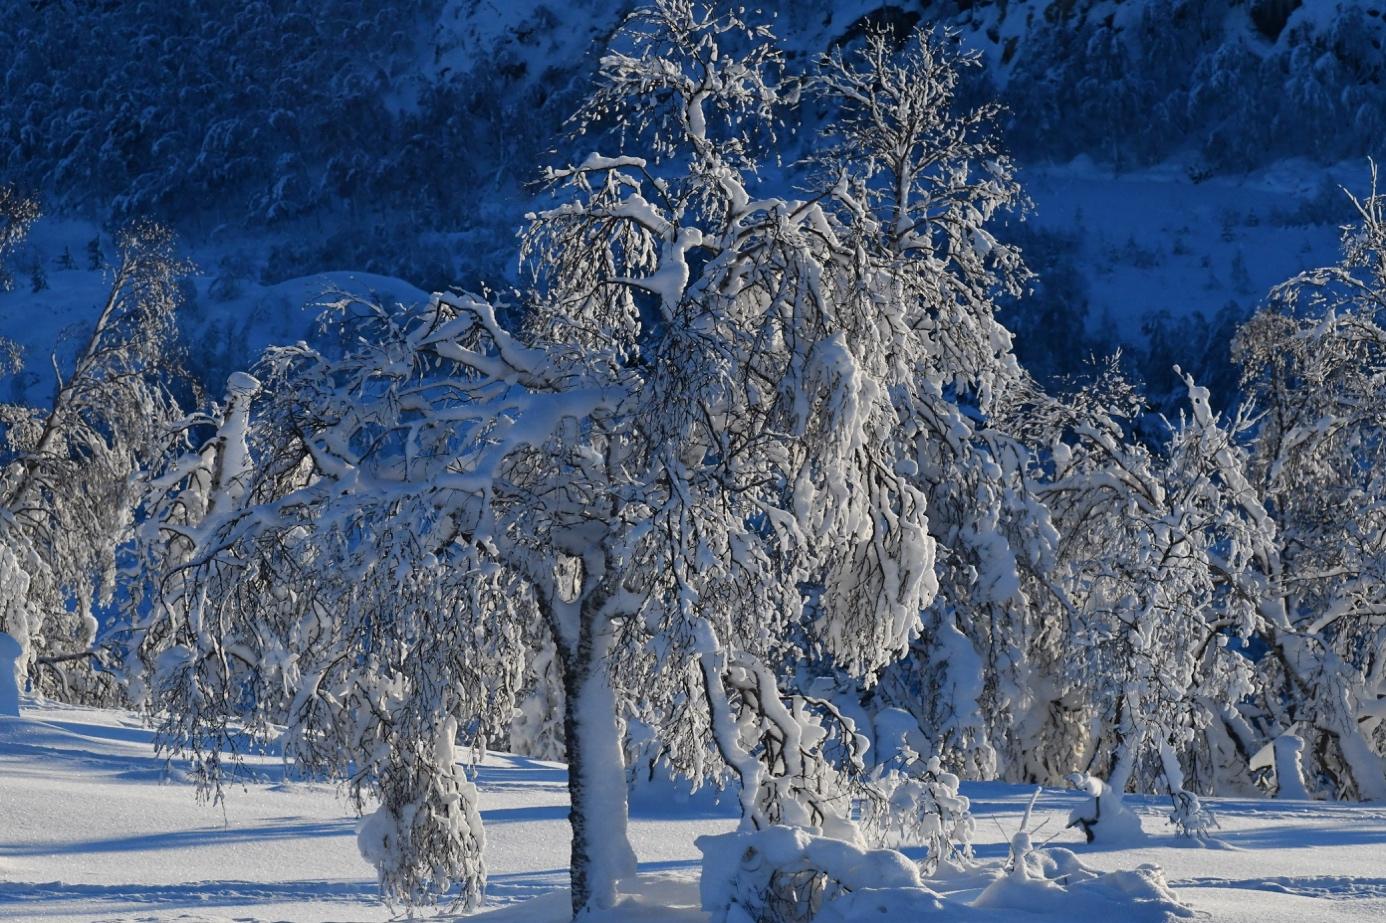 Et bilde som inneholder snø, utendørs, tre, plante  Automatisk generert beskrivelse